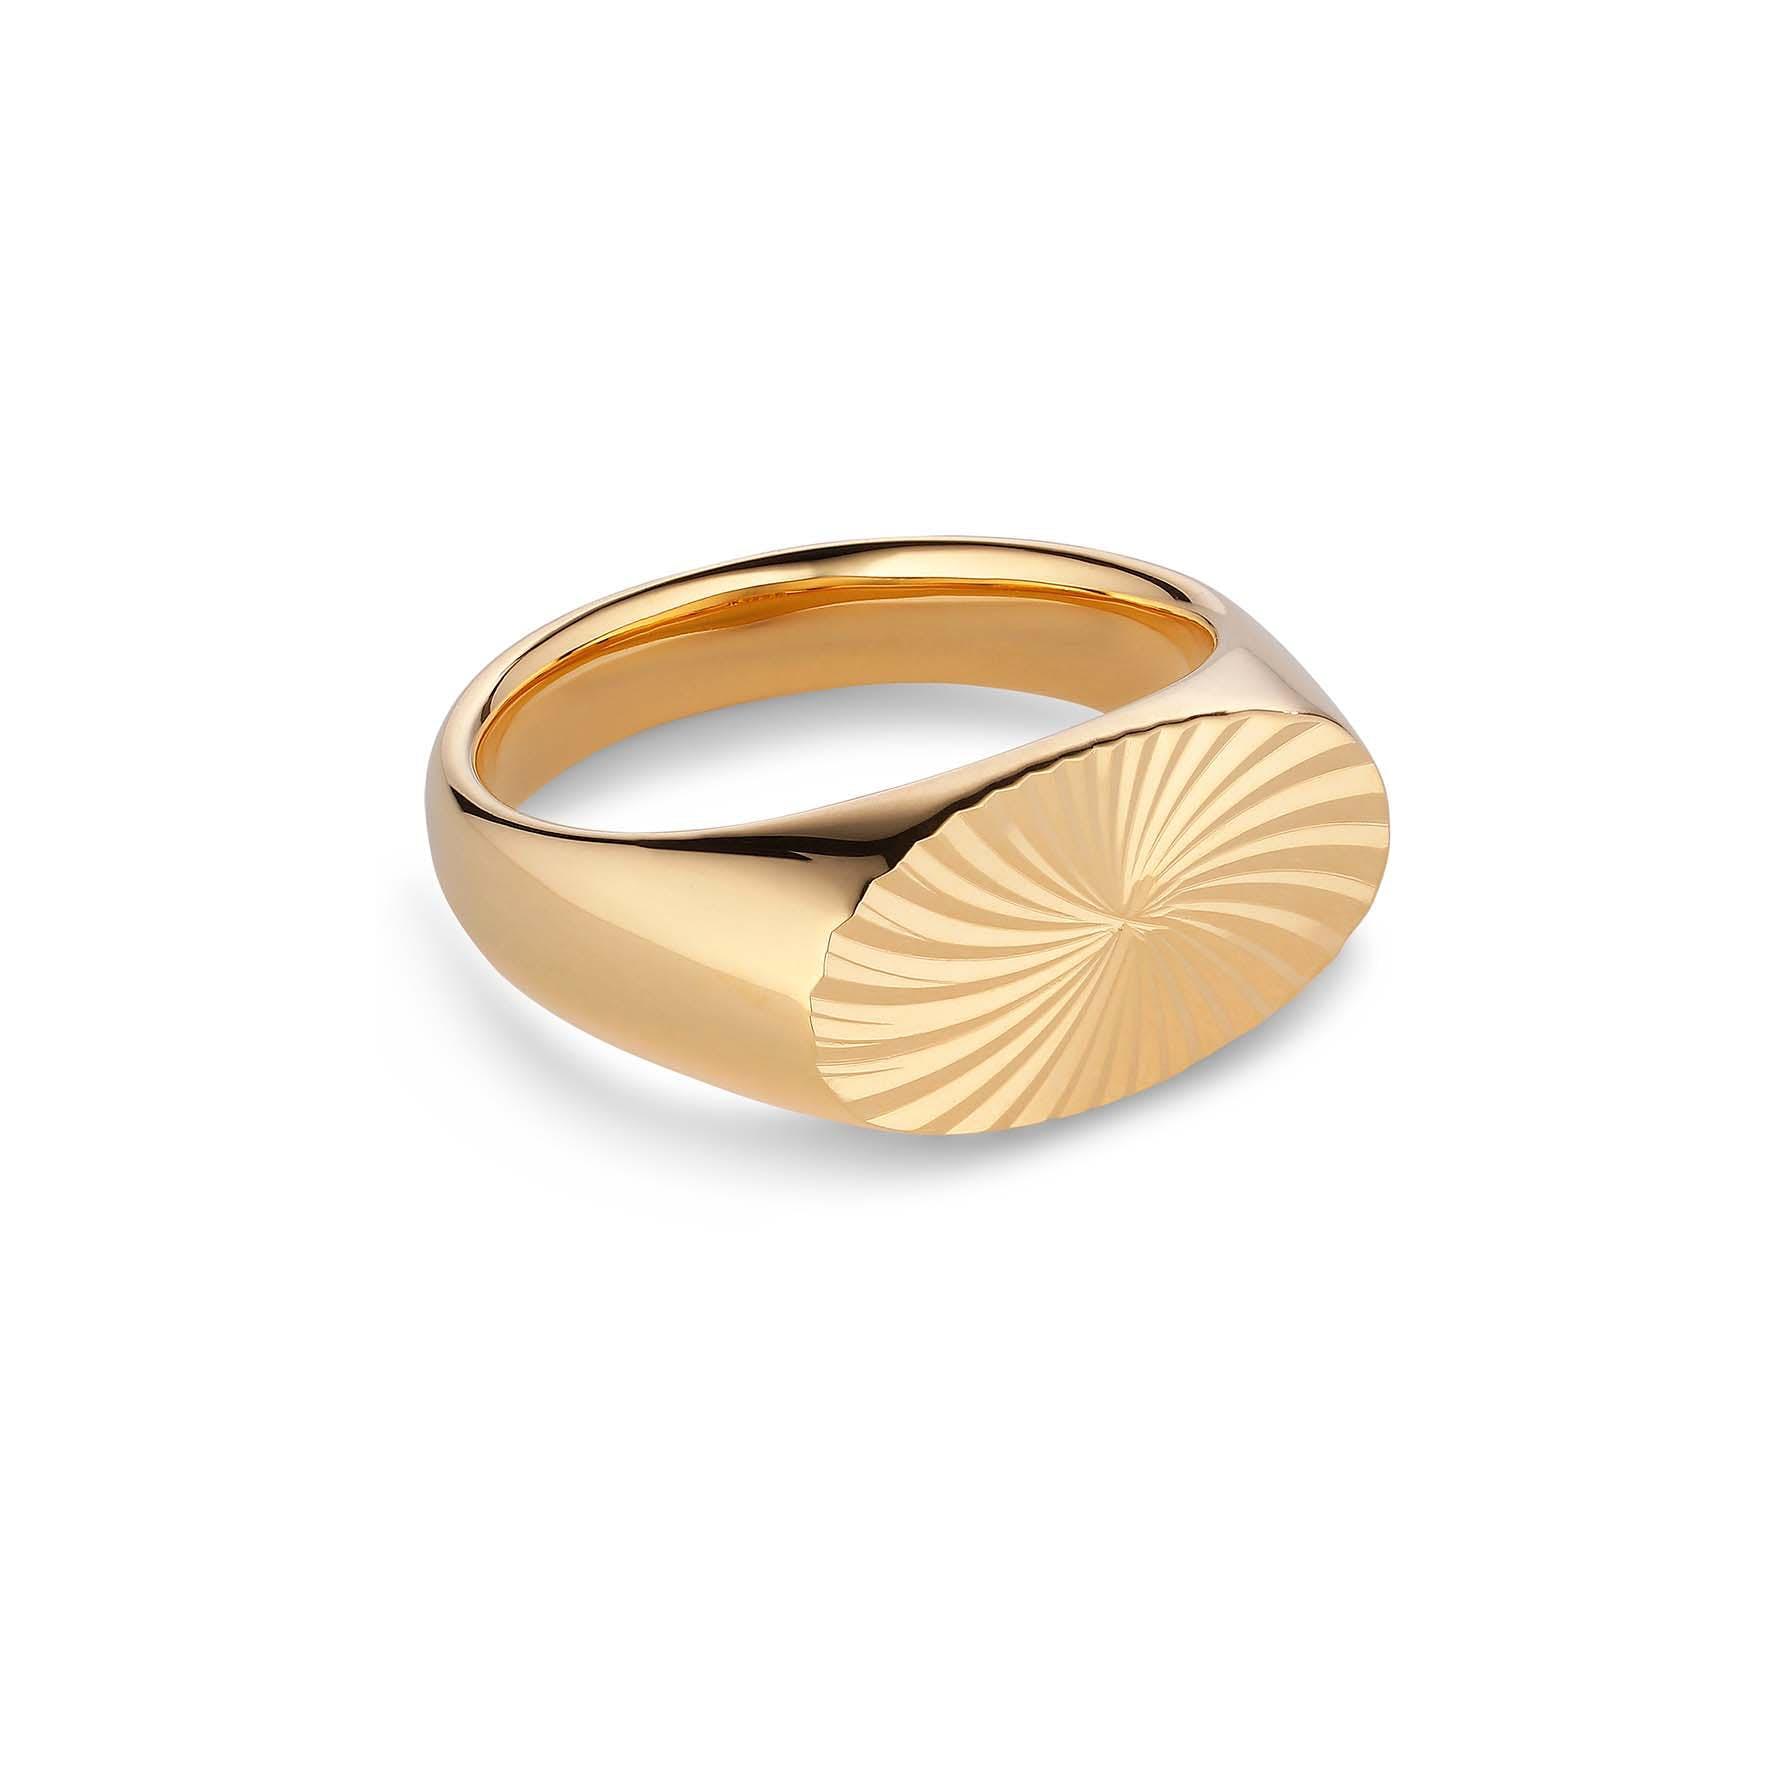 Reflection Signet Ring von Jane Kønig in Vergoldet-Silber Sterling 925